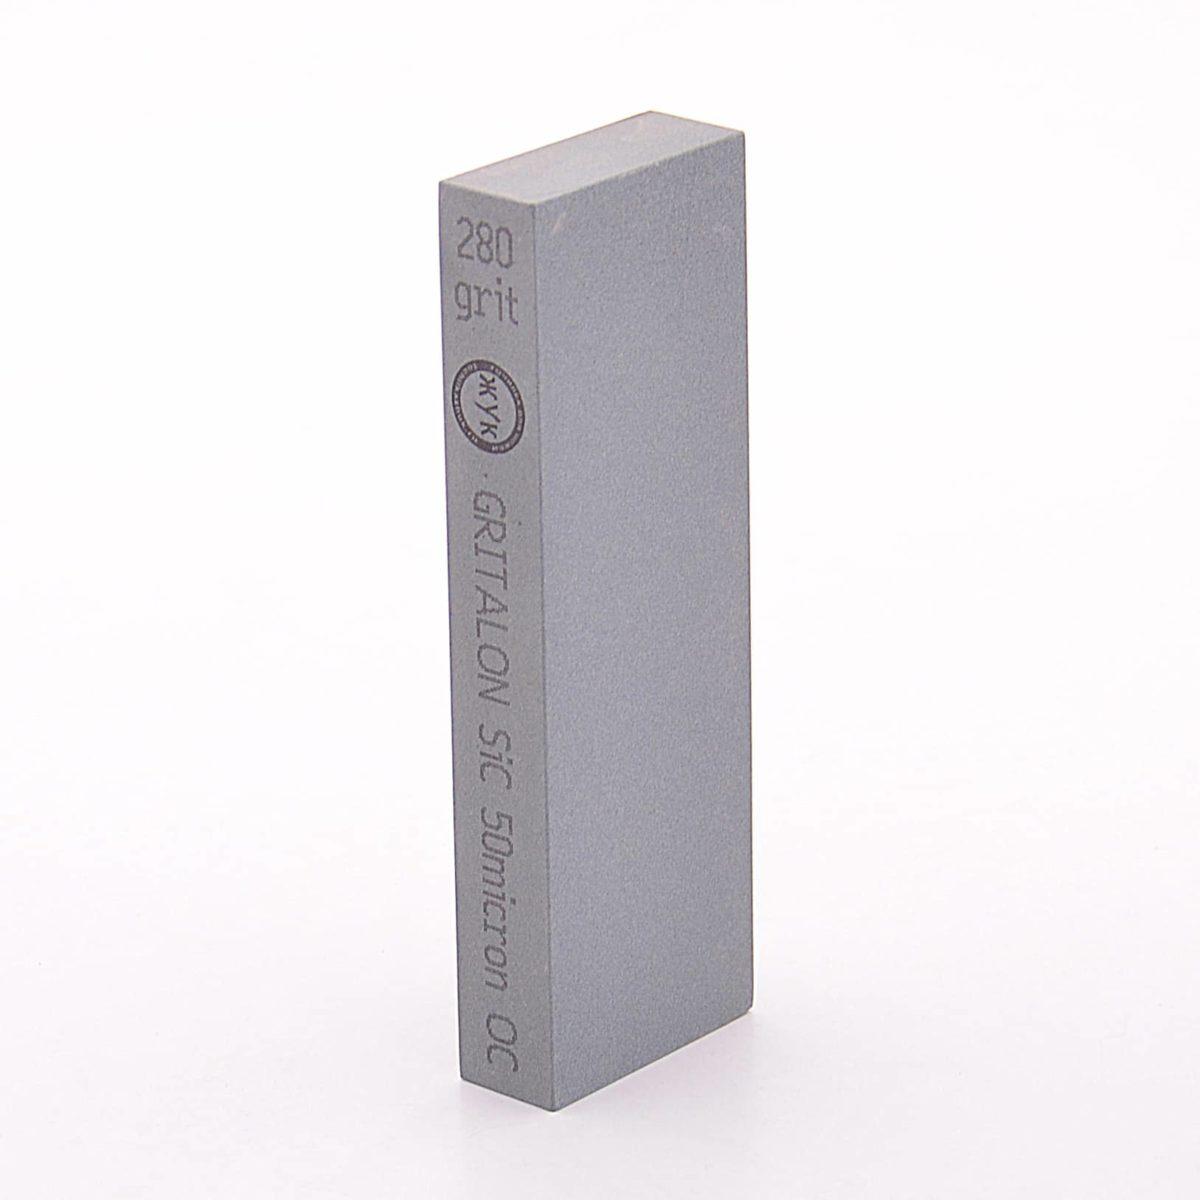 Абразивный брусок GRITALON 280 грит 150х50х20мм (KK) 2